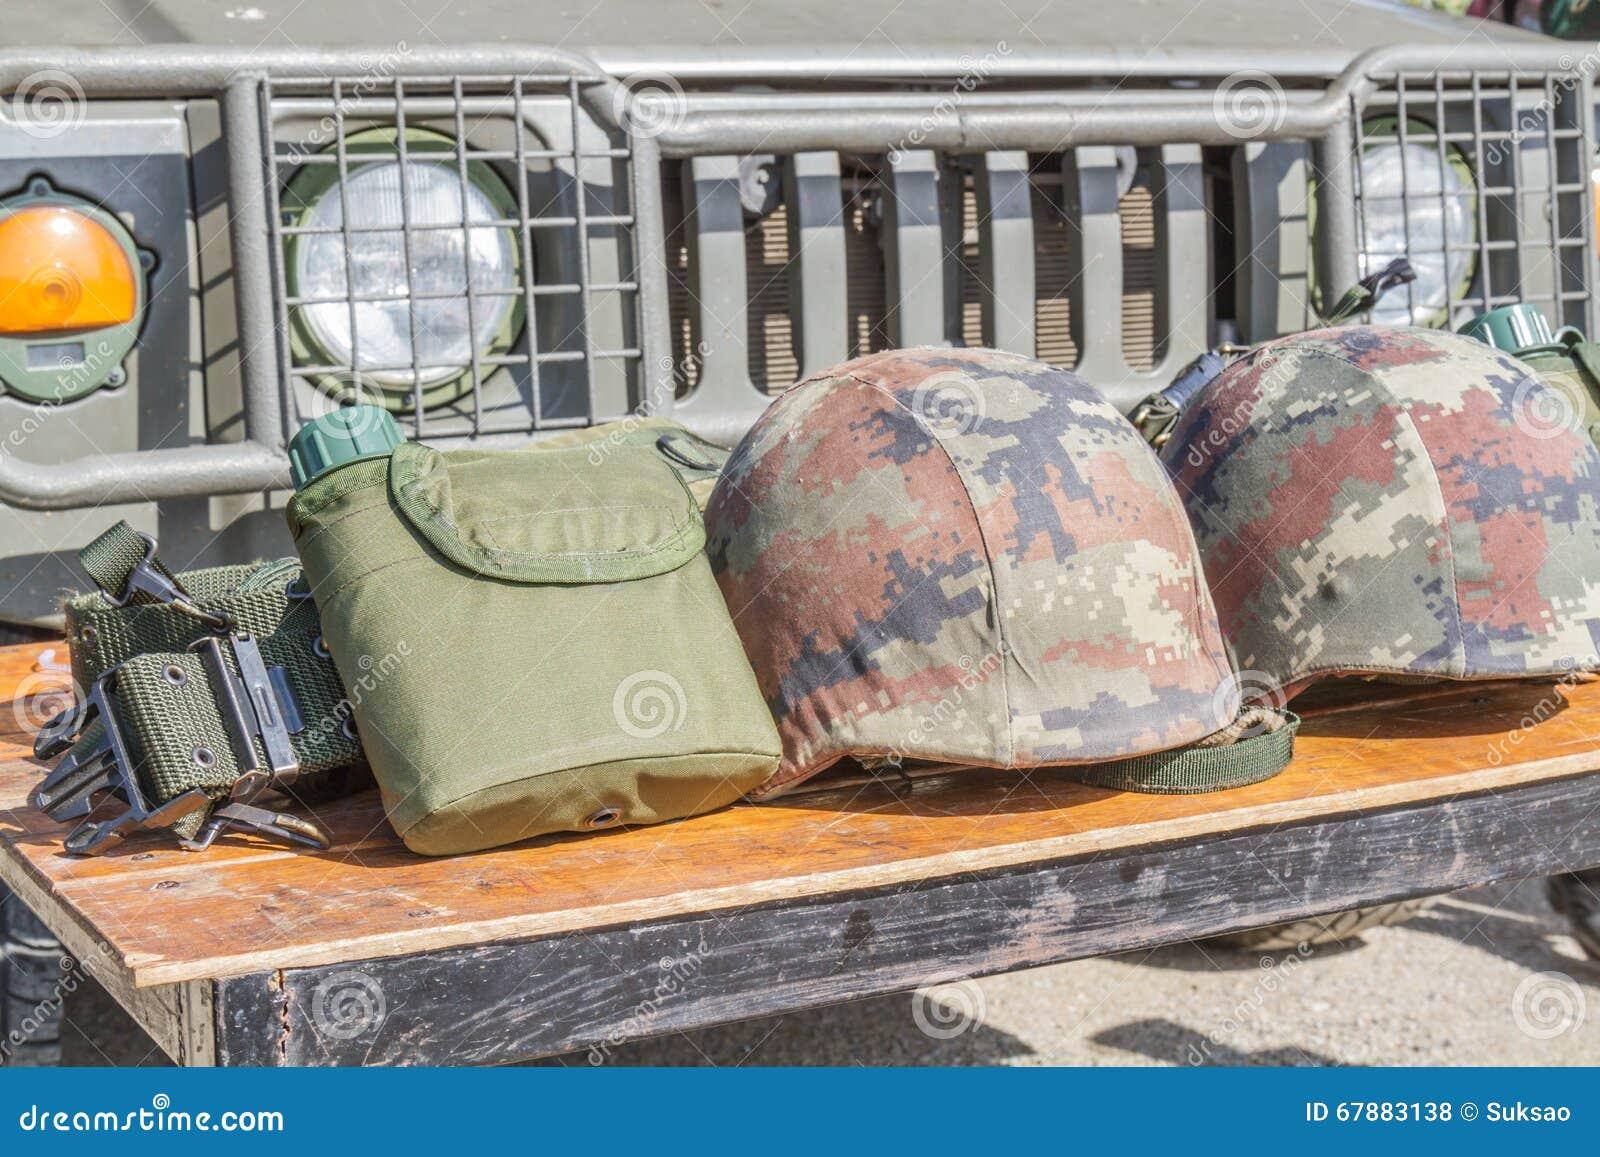 盔甲军用和军用烧瓶